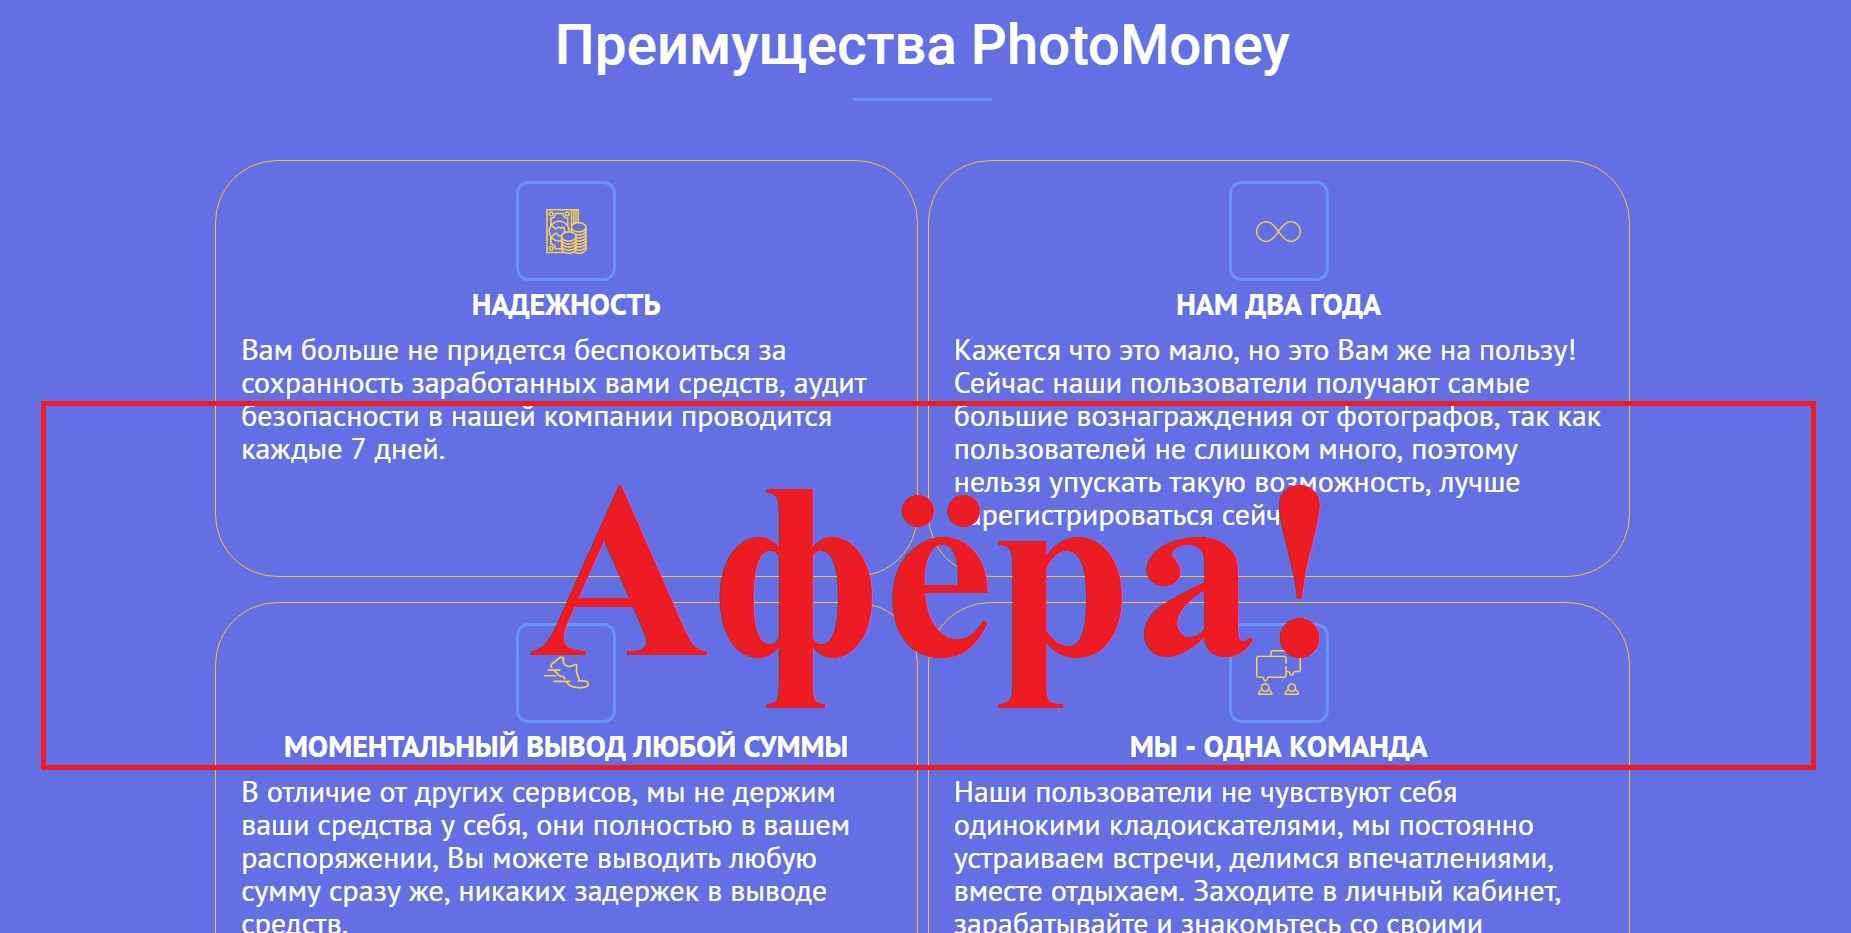 Photo Money – отзывы о лохотроне PhotoMoney. Фотобанк с оплатой